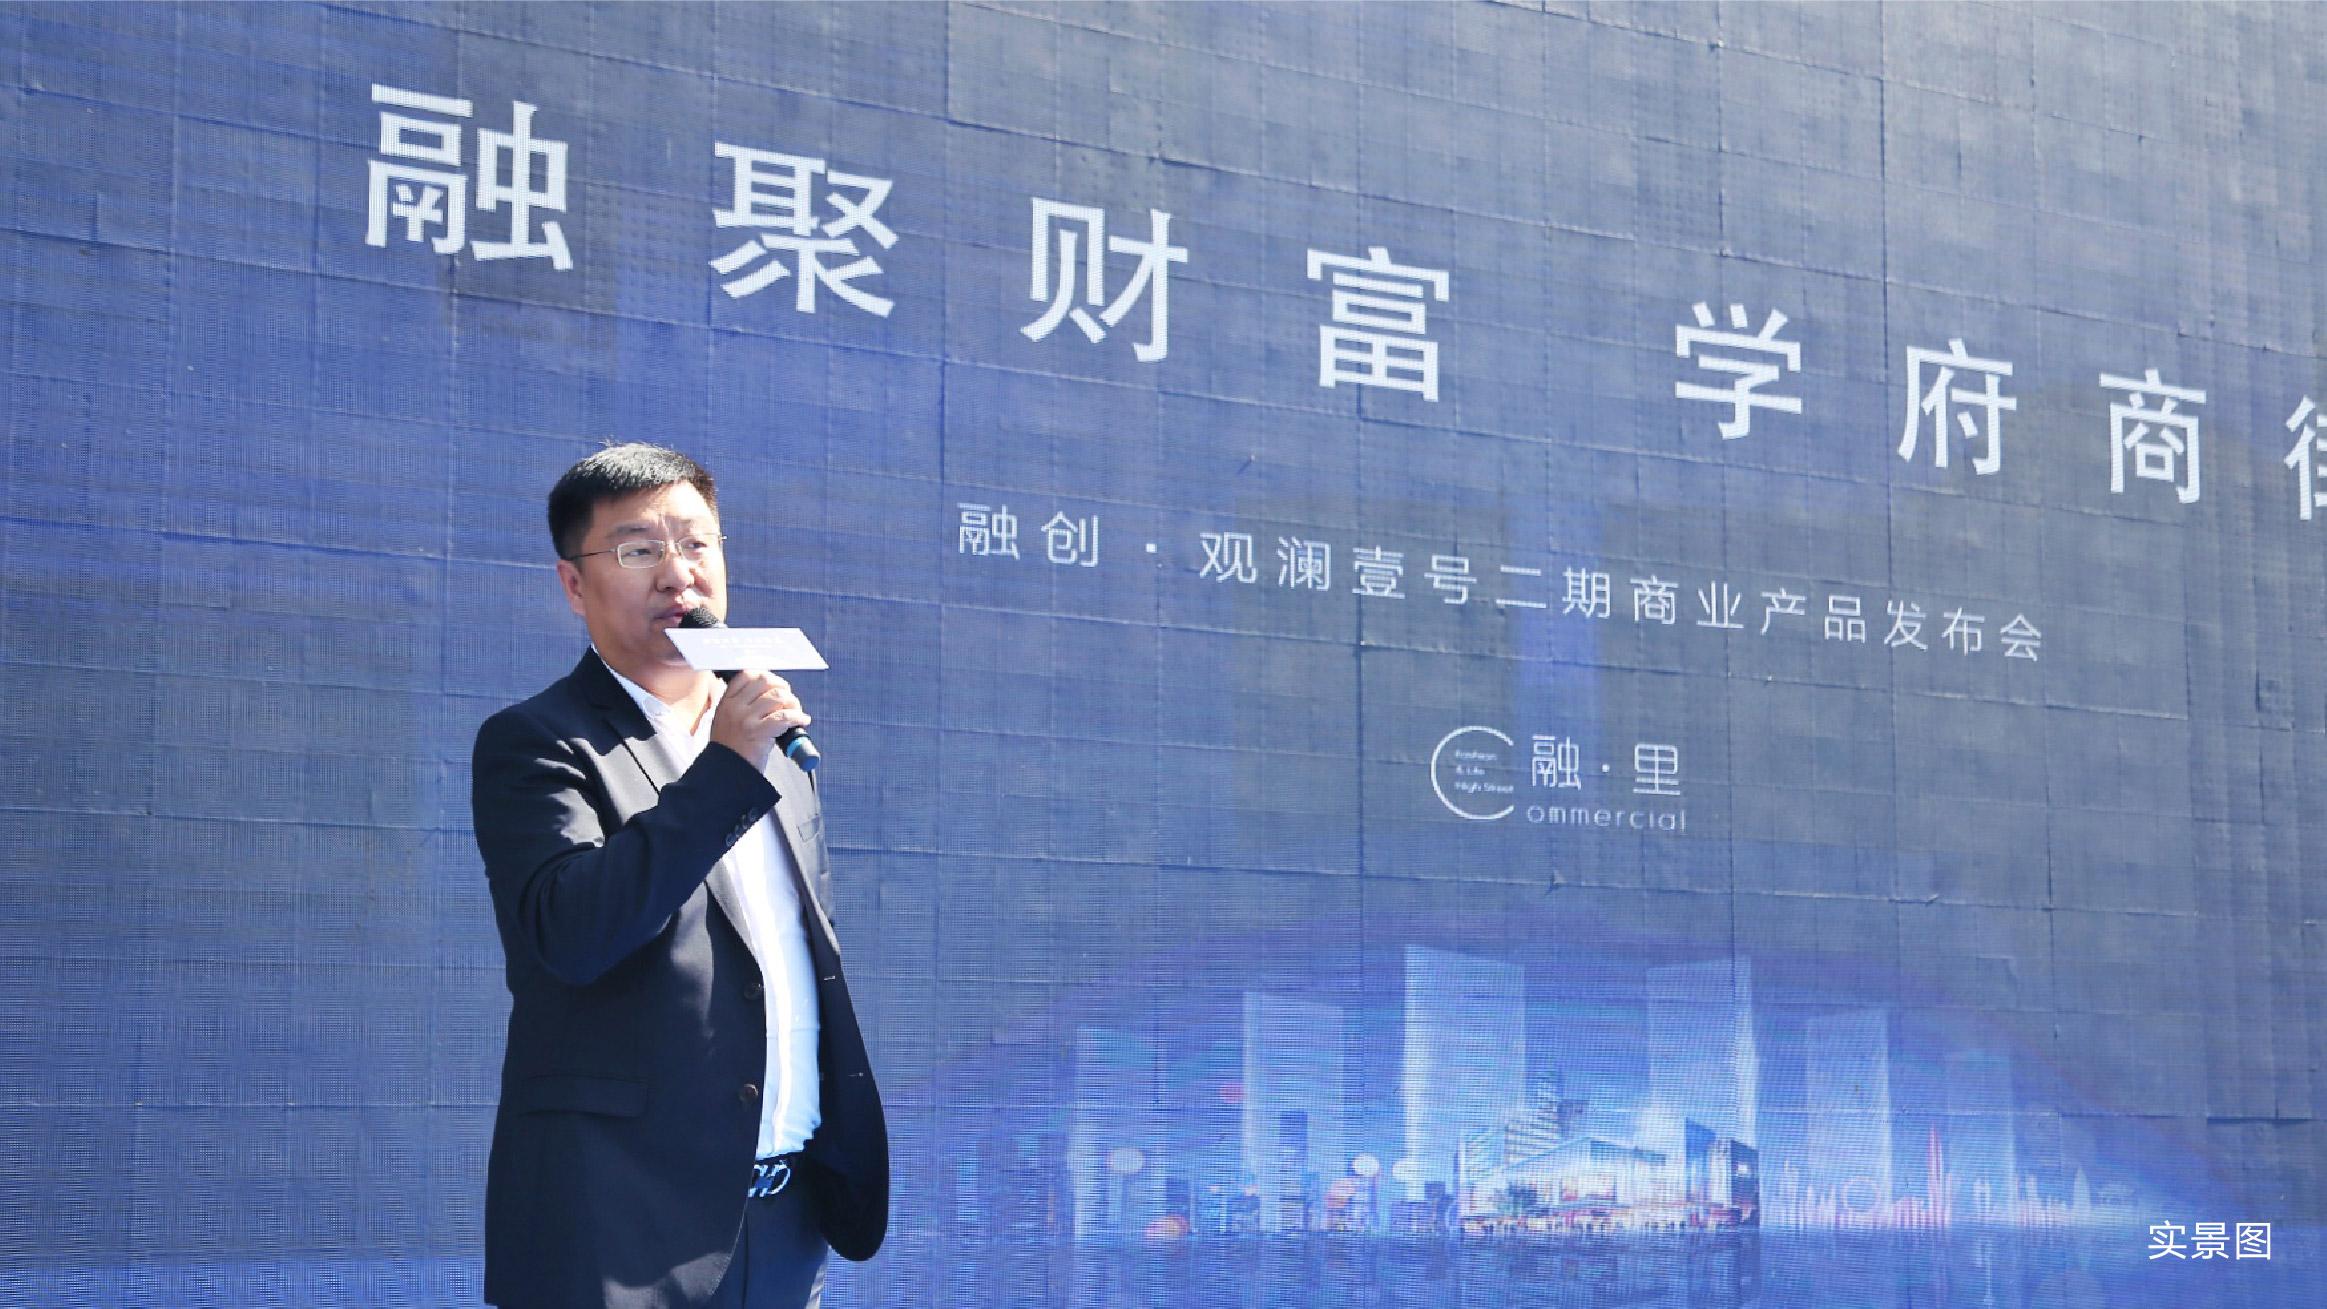 融創·觀瀾壹號 | 『融·裏』小面積商街發佈會成功舉行-中國網地産